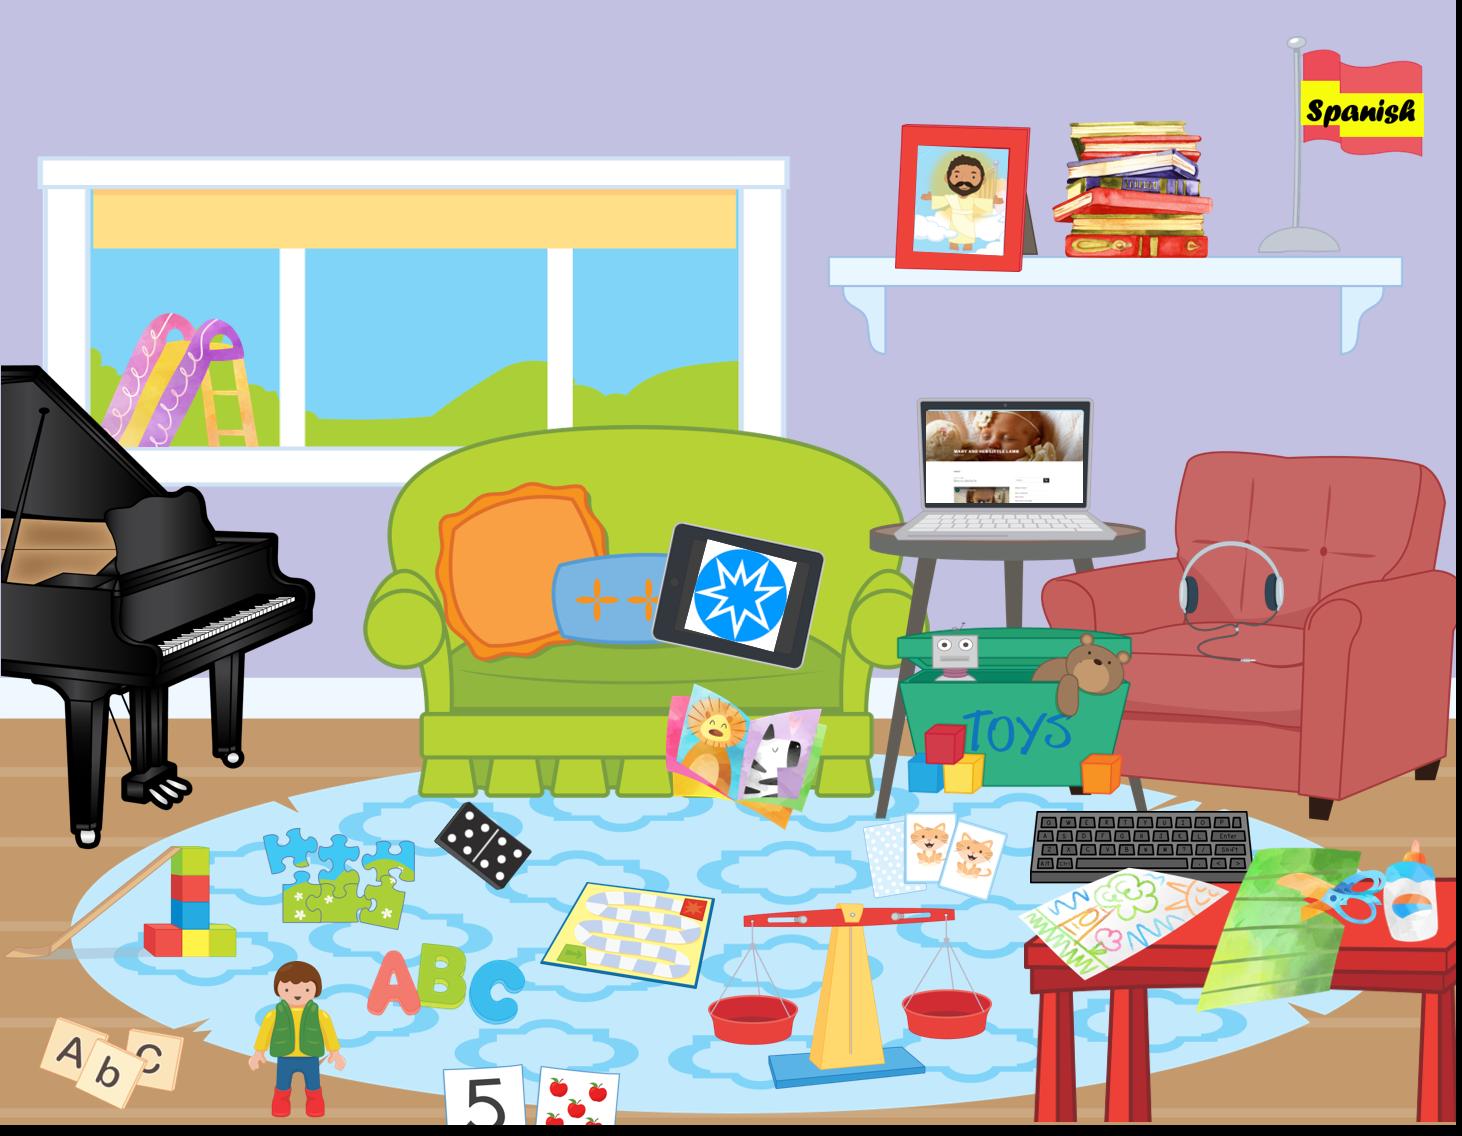 Mary's Fun Room